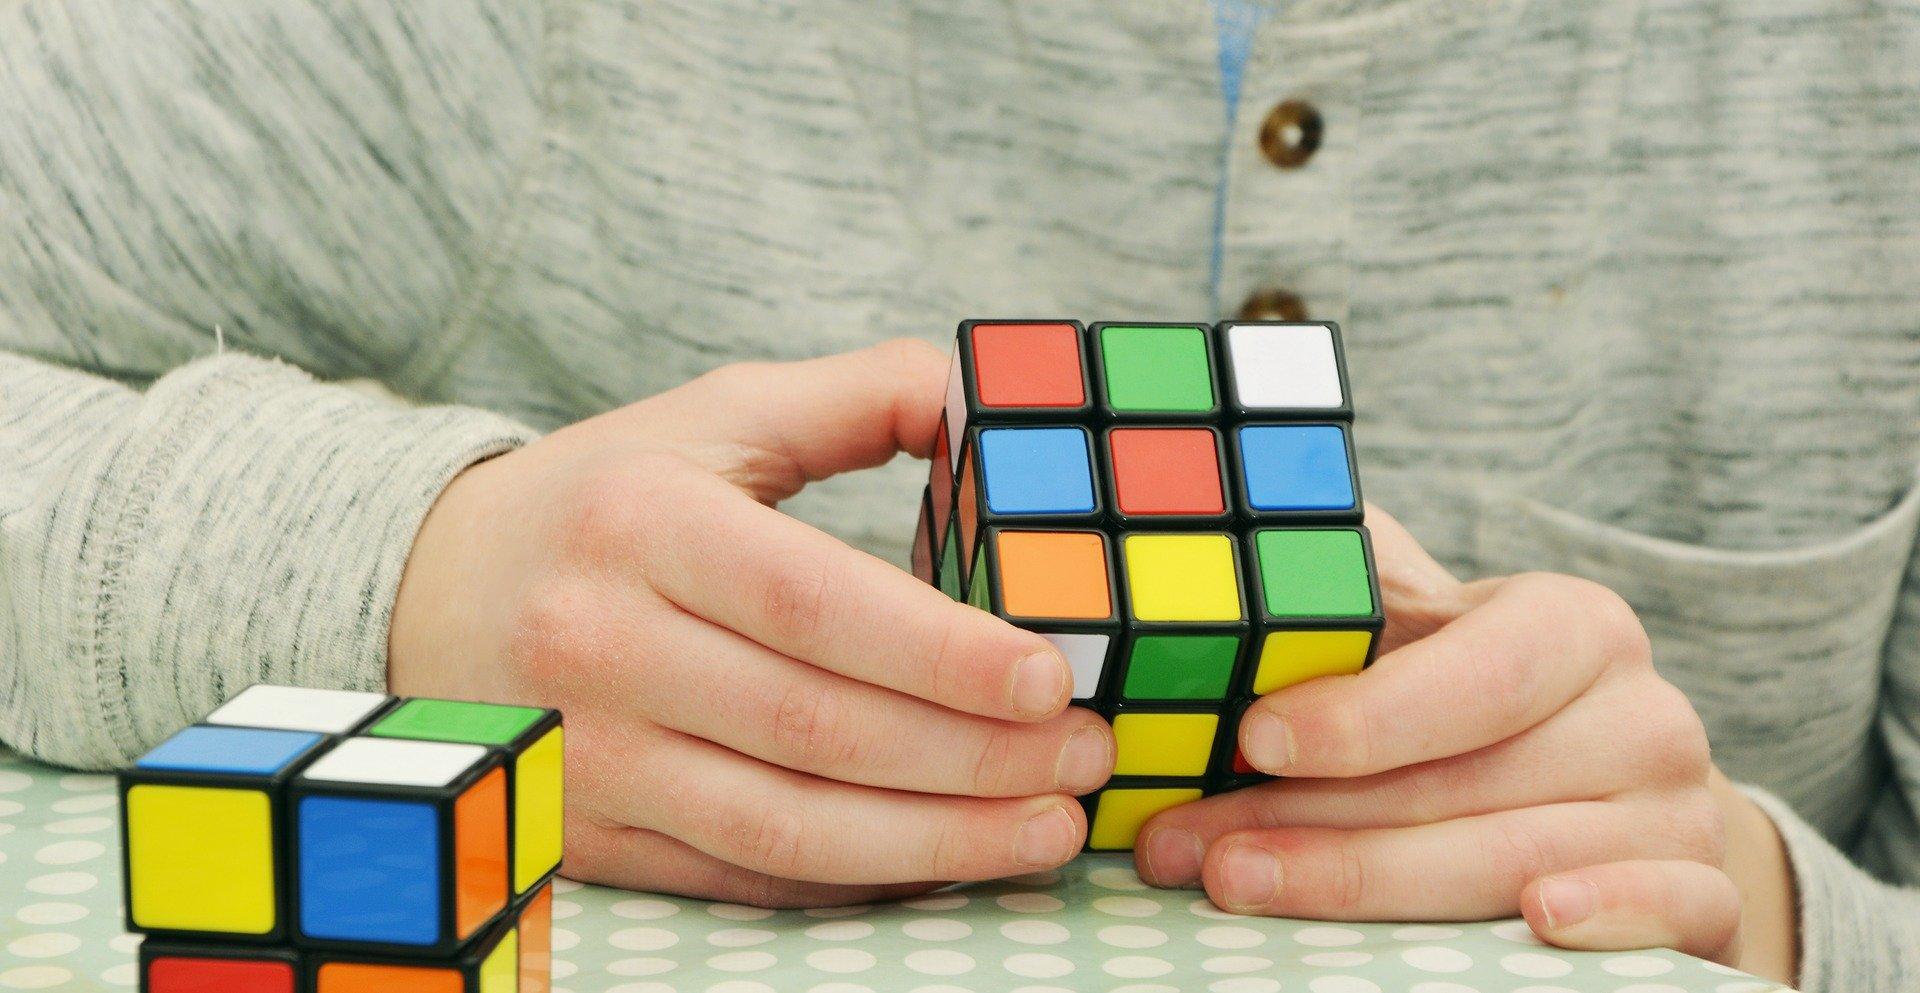 magic-cube-1976725_1920